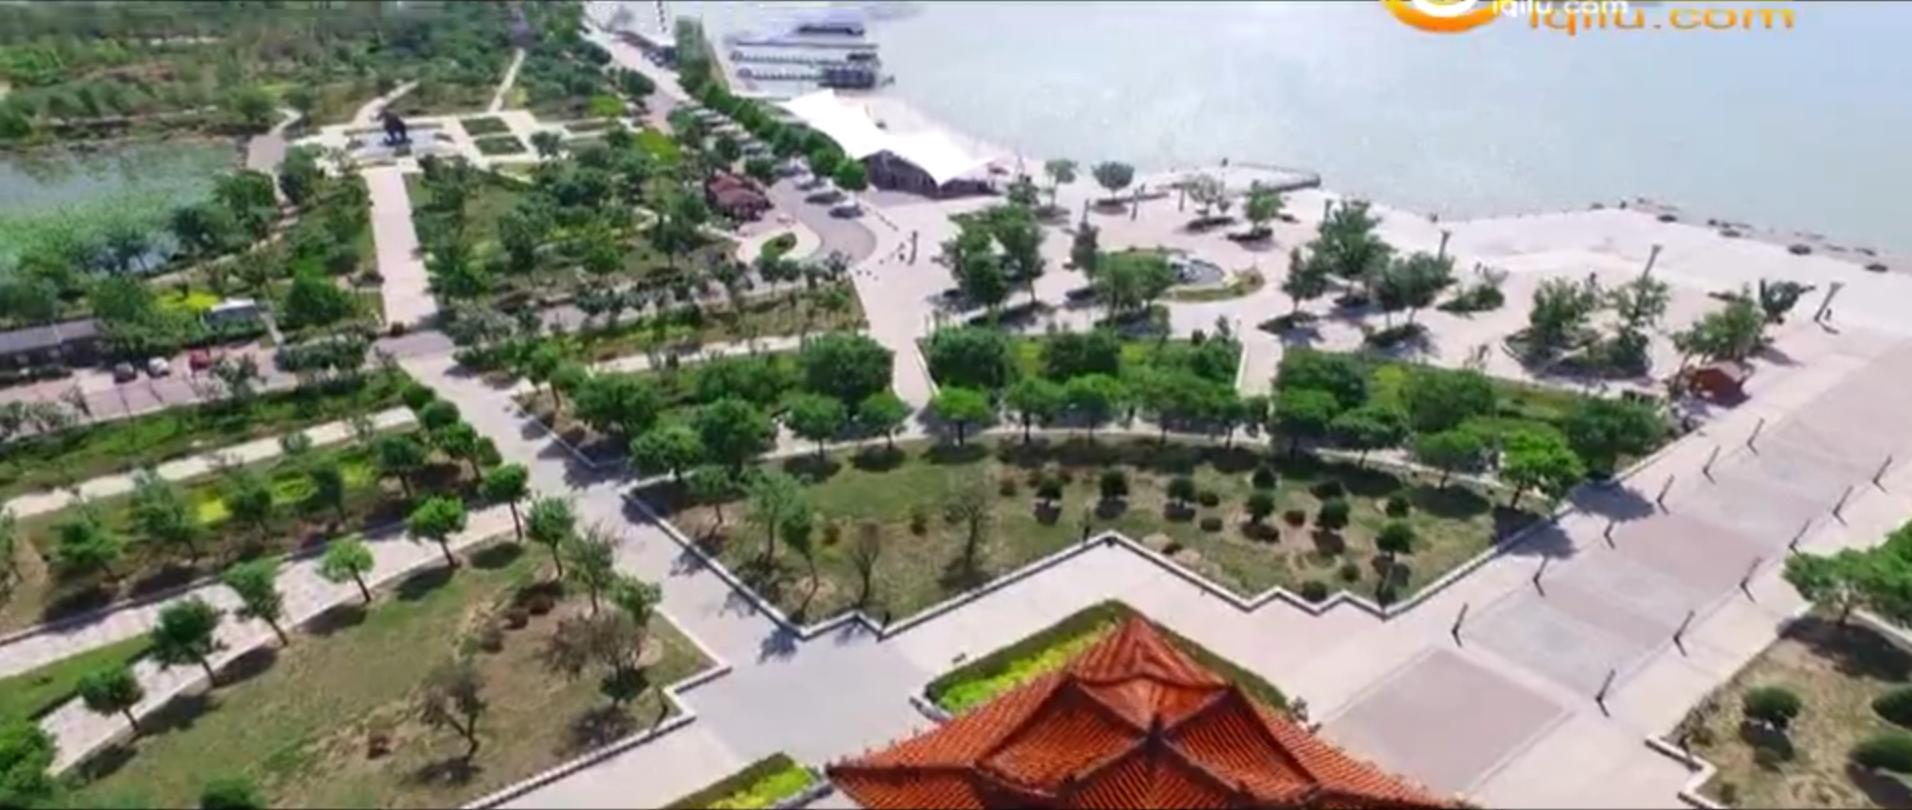 航拍济宁:太白湖绿树成荫 风光旖旎